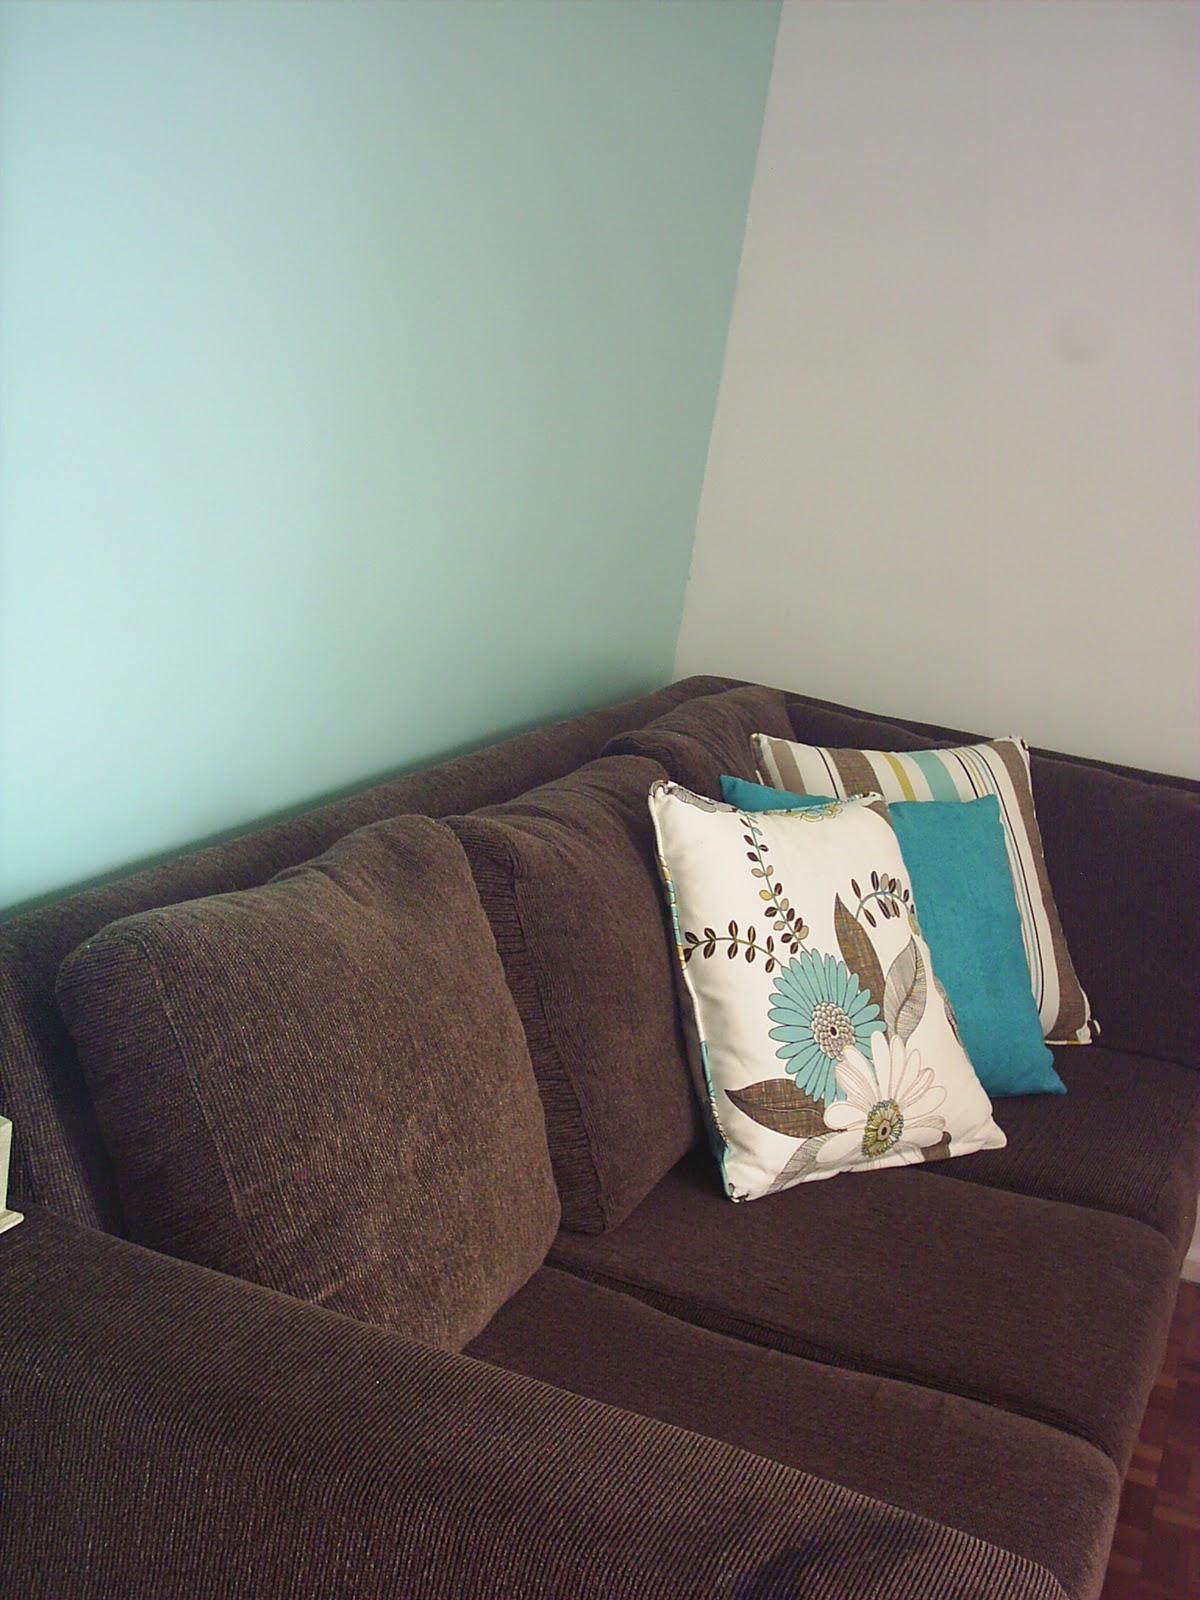 Sofa Cinza E Almofadas Coloridas How High Should End Tables Be Entre Sinta Se Em Casa Decorando Com Meu Sofá Marrom